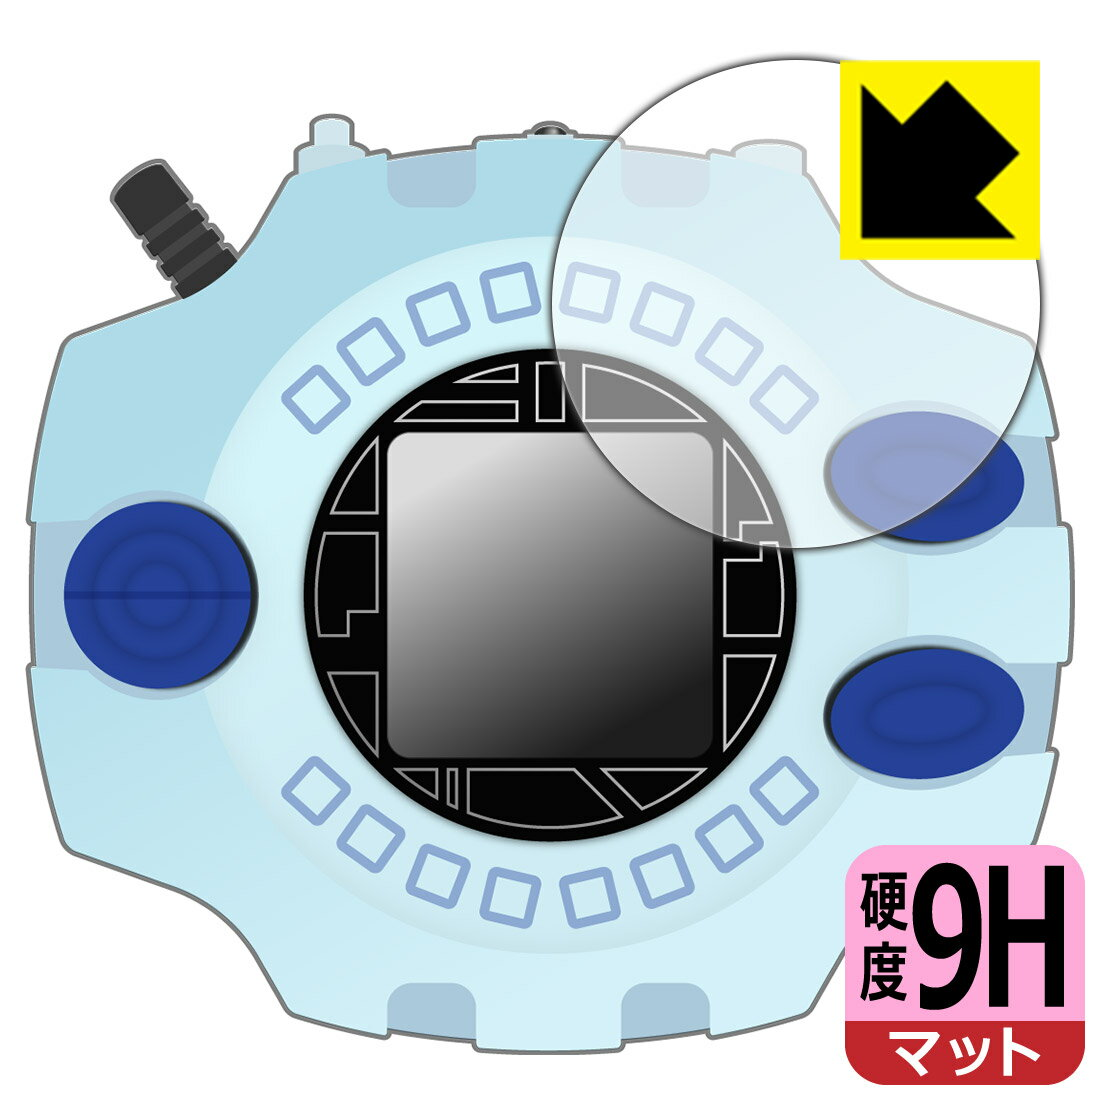 電子玩具・キッズ家電, その他  Ver.Complete Ver.15th 9H RCPsmtb-kd